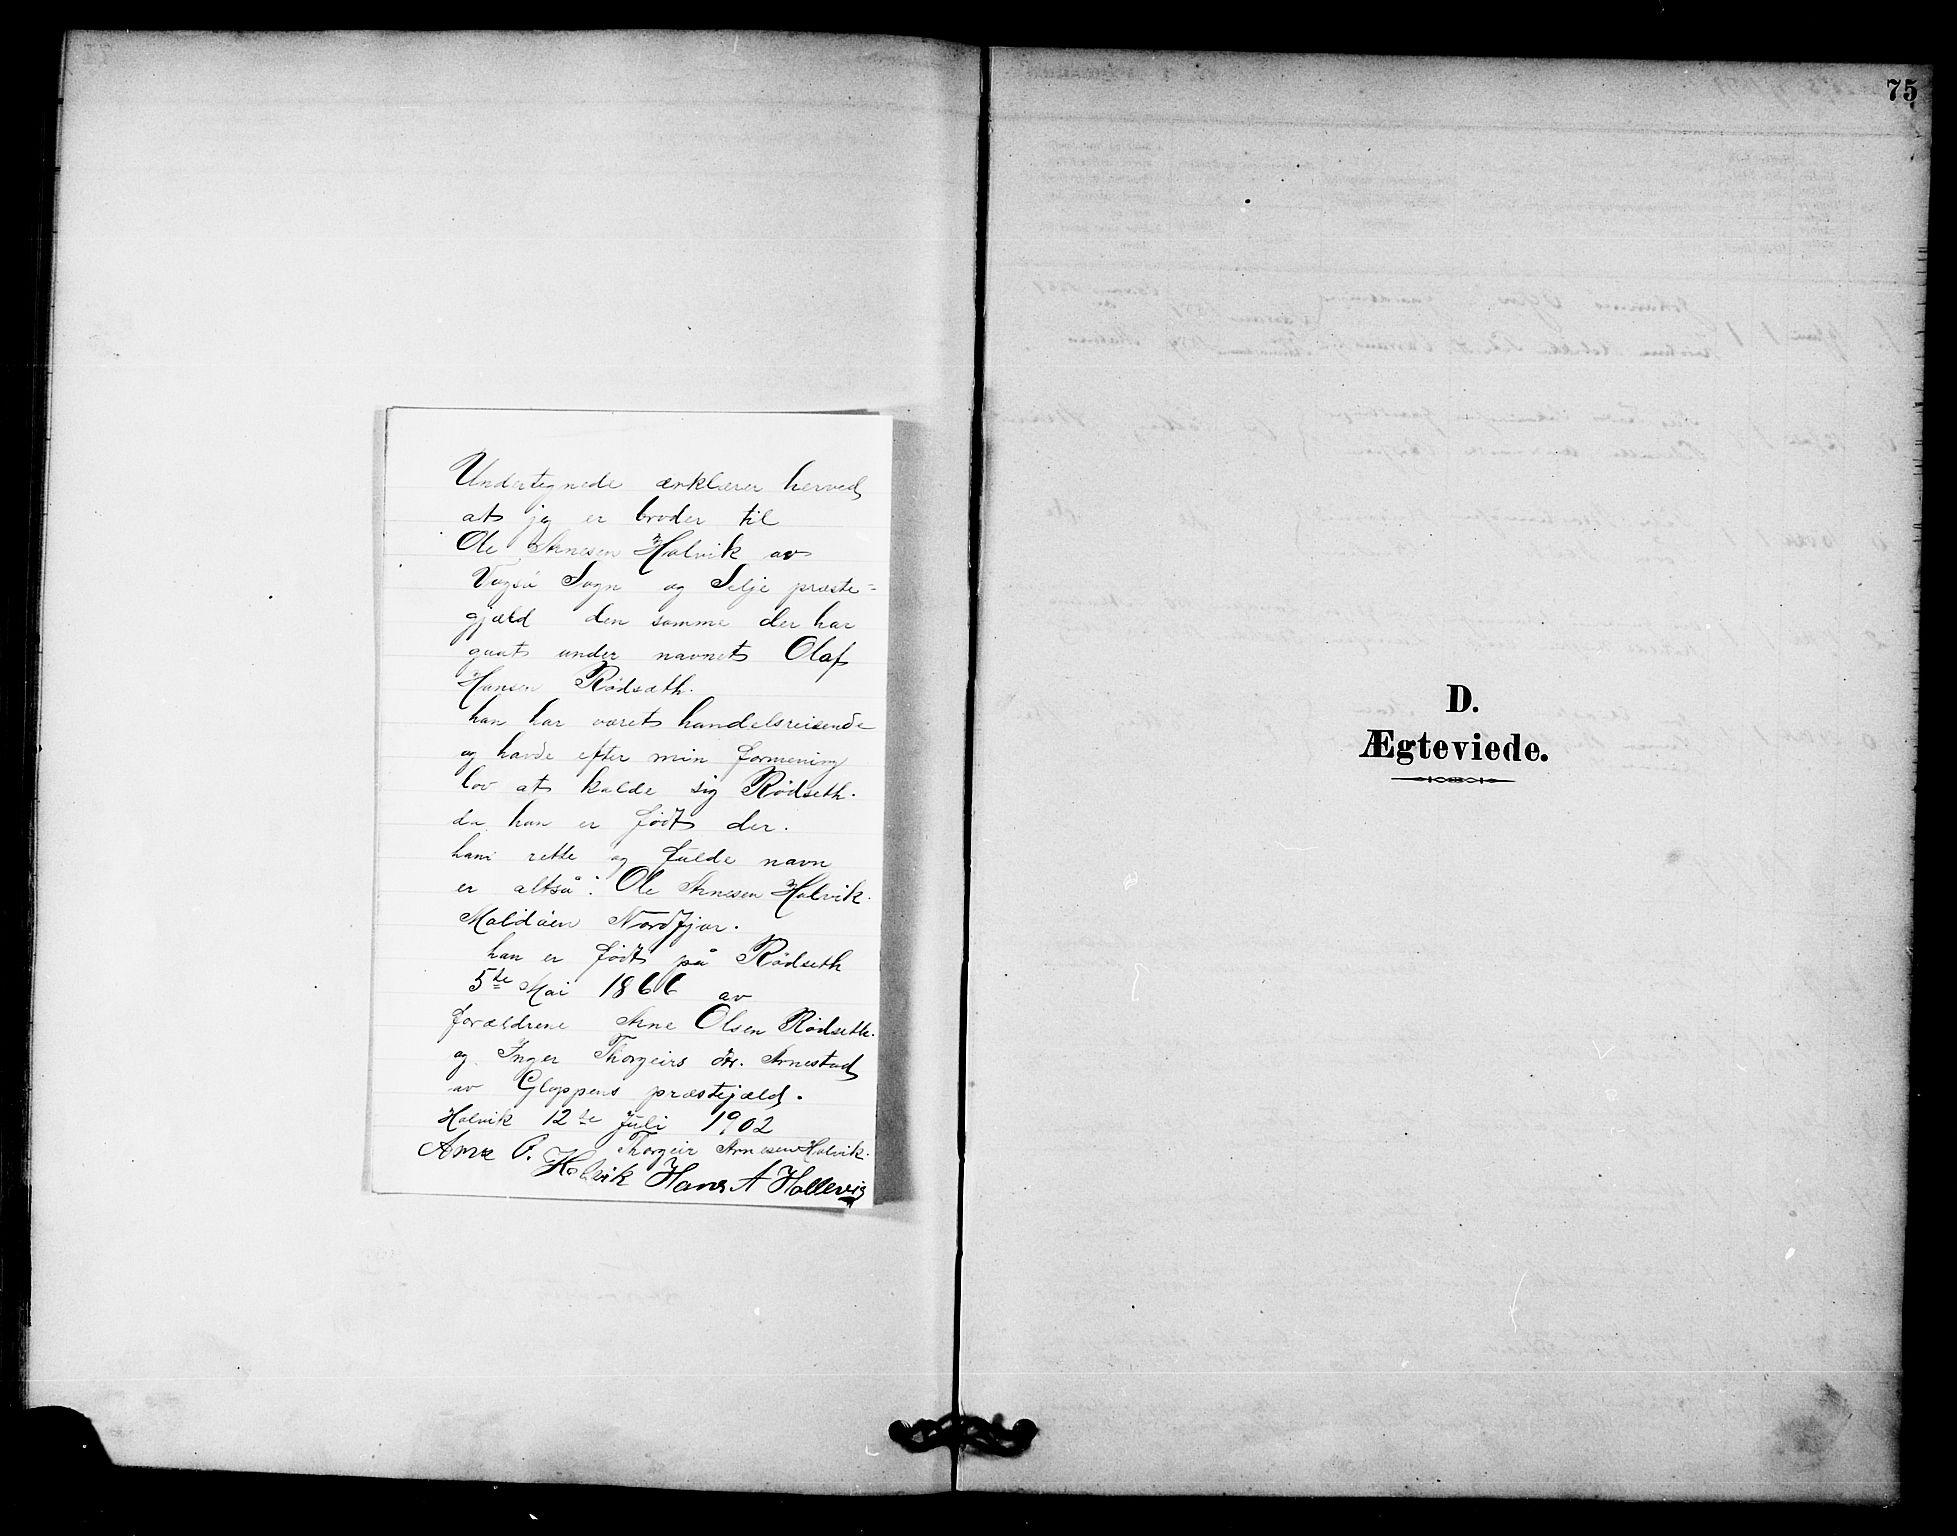 SAT, Ministerialprotokoller, klokkerbøker og fødselsregistre - Nord-Trøndelag, 745/L0429: Ministerialbok nr. 745A01, 1878-1894, s. 75